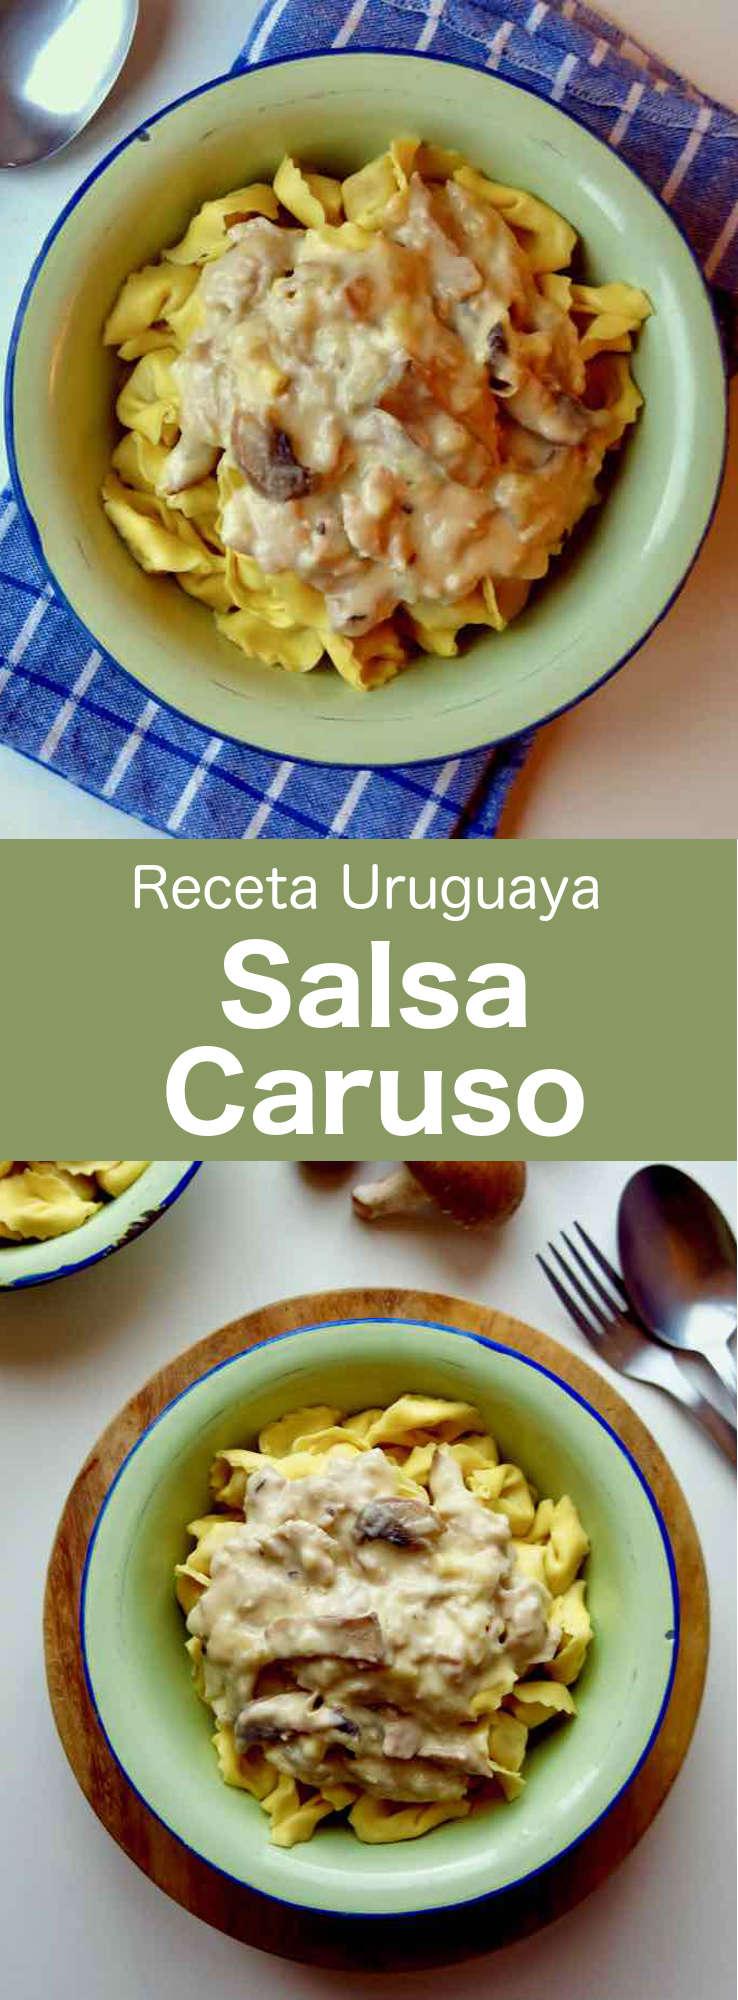 La salsa caruso es una salsa popular en Uruguay que se sirve caliente, preparada con crema, champiñones, jamón cocido y queso.